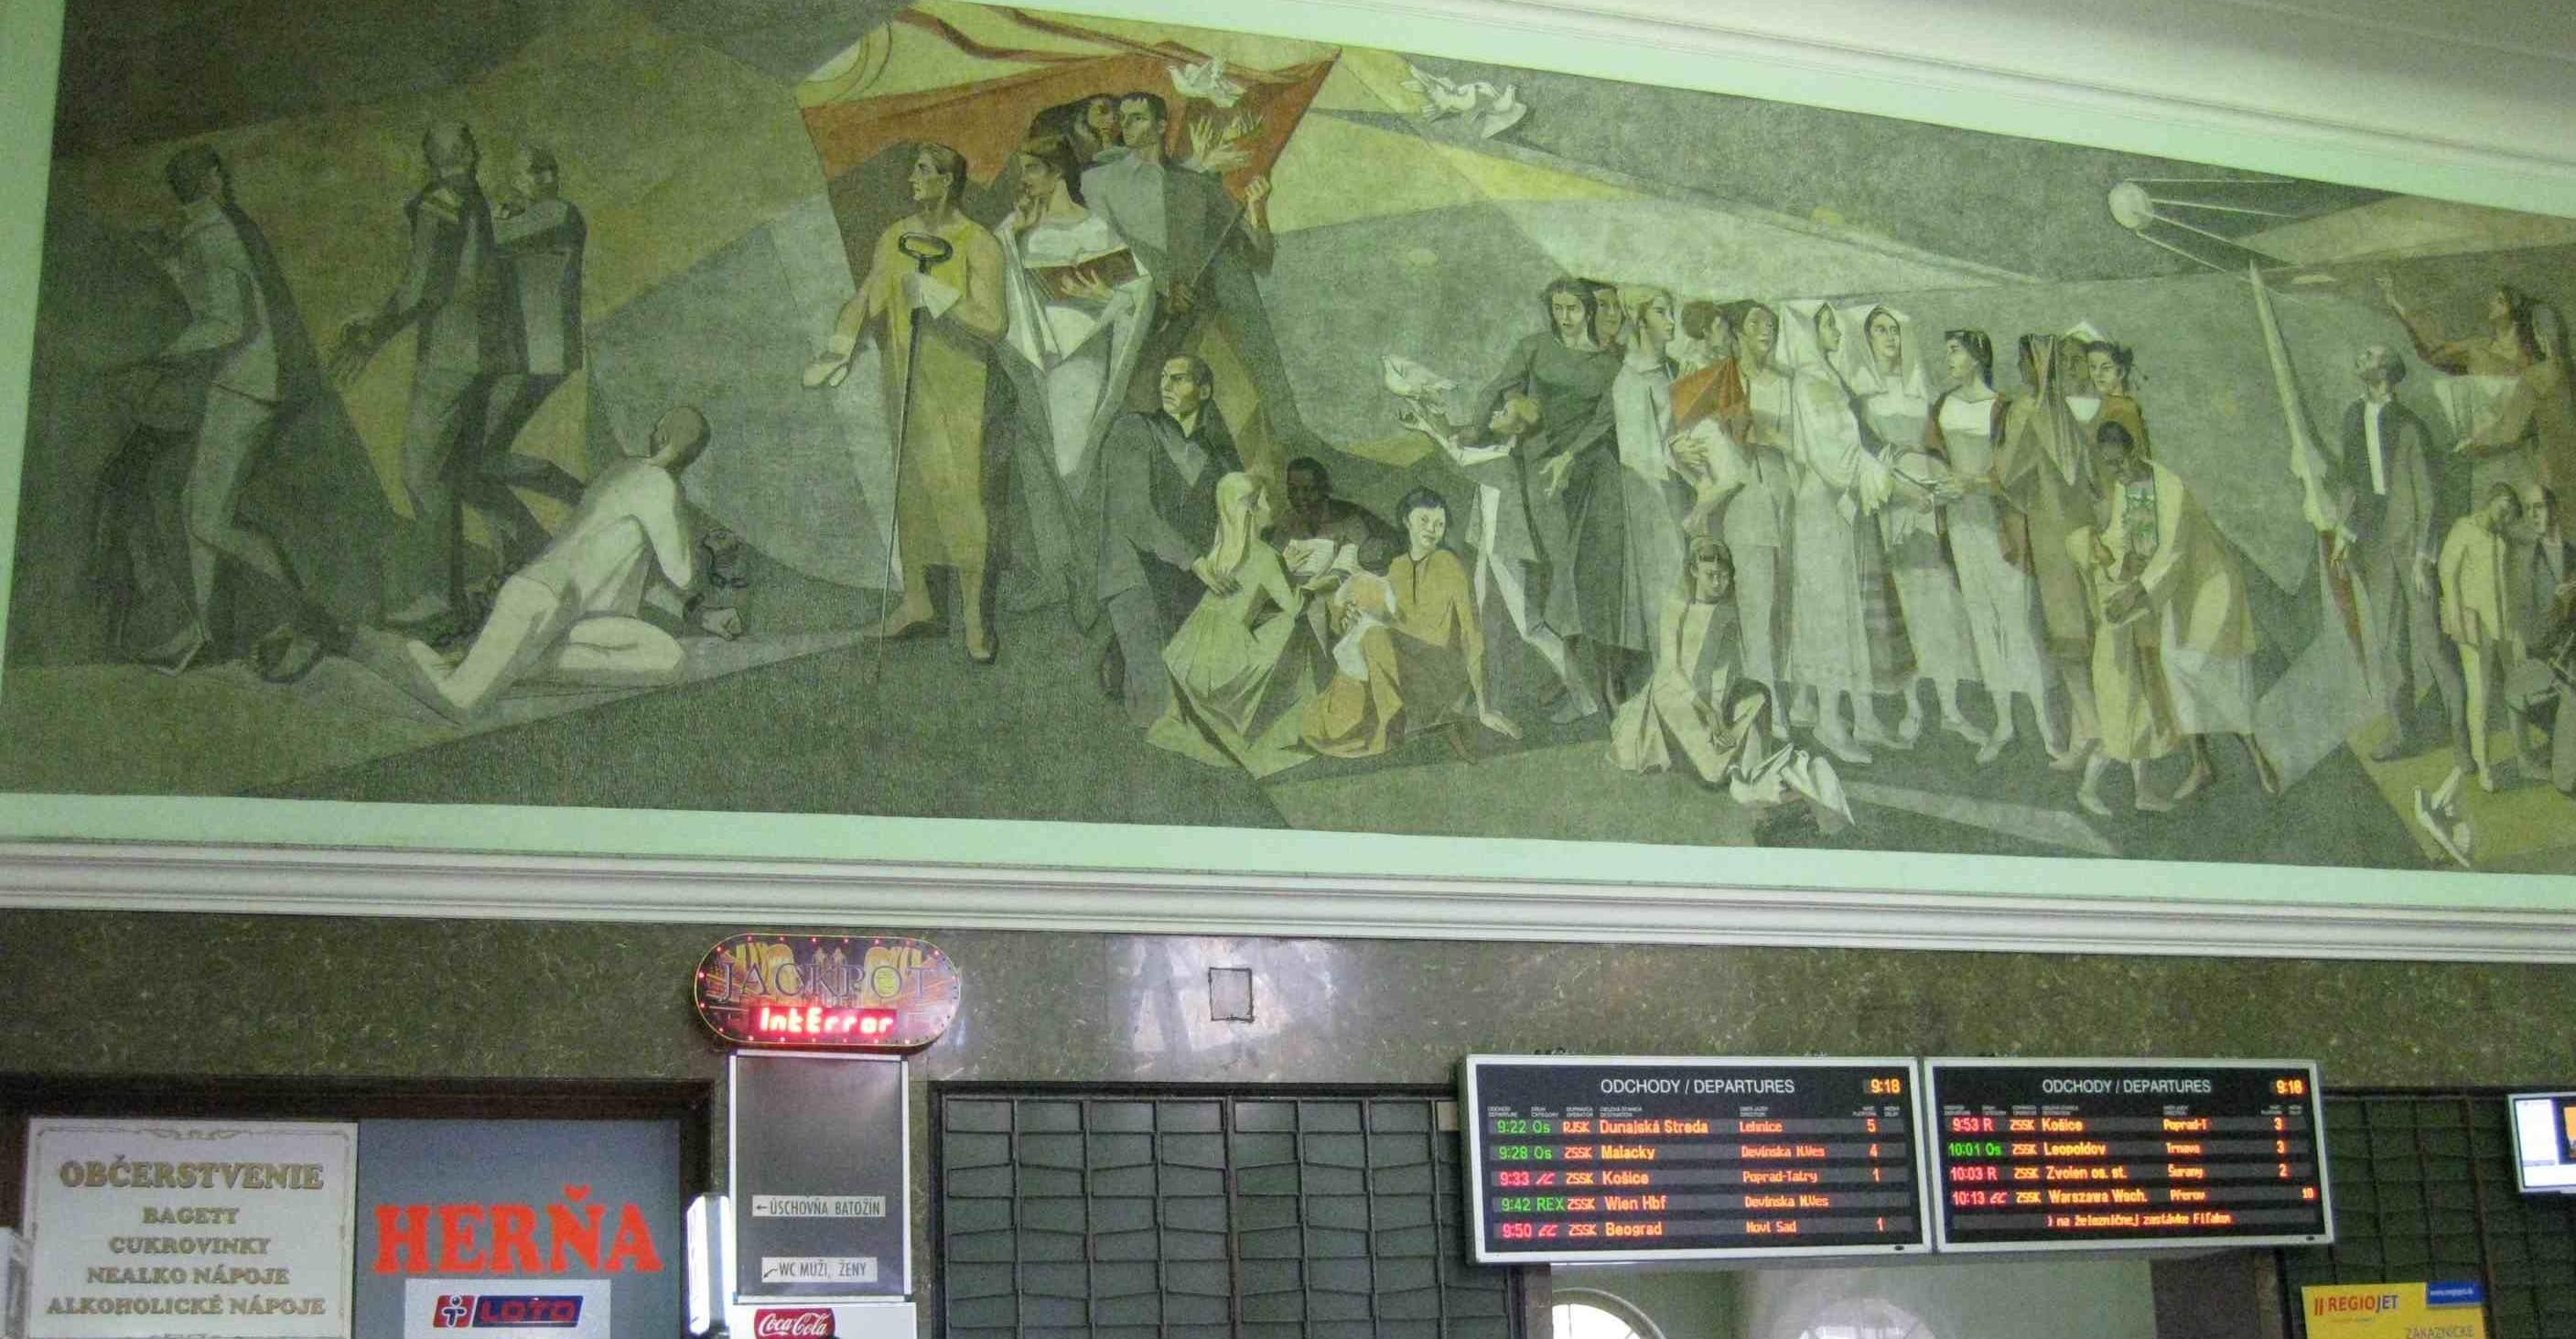 Mural in Bratislava's station